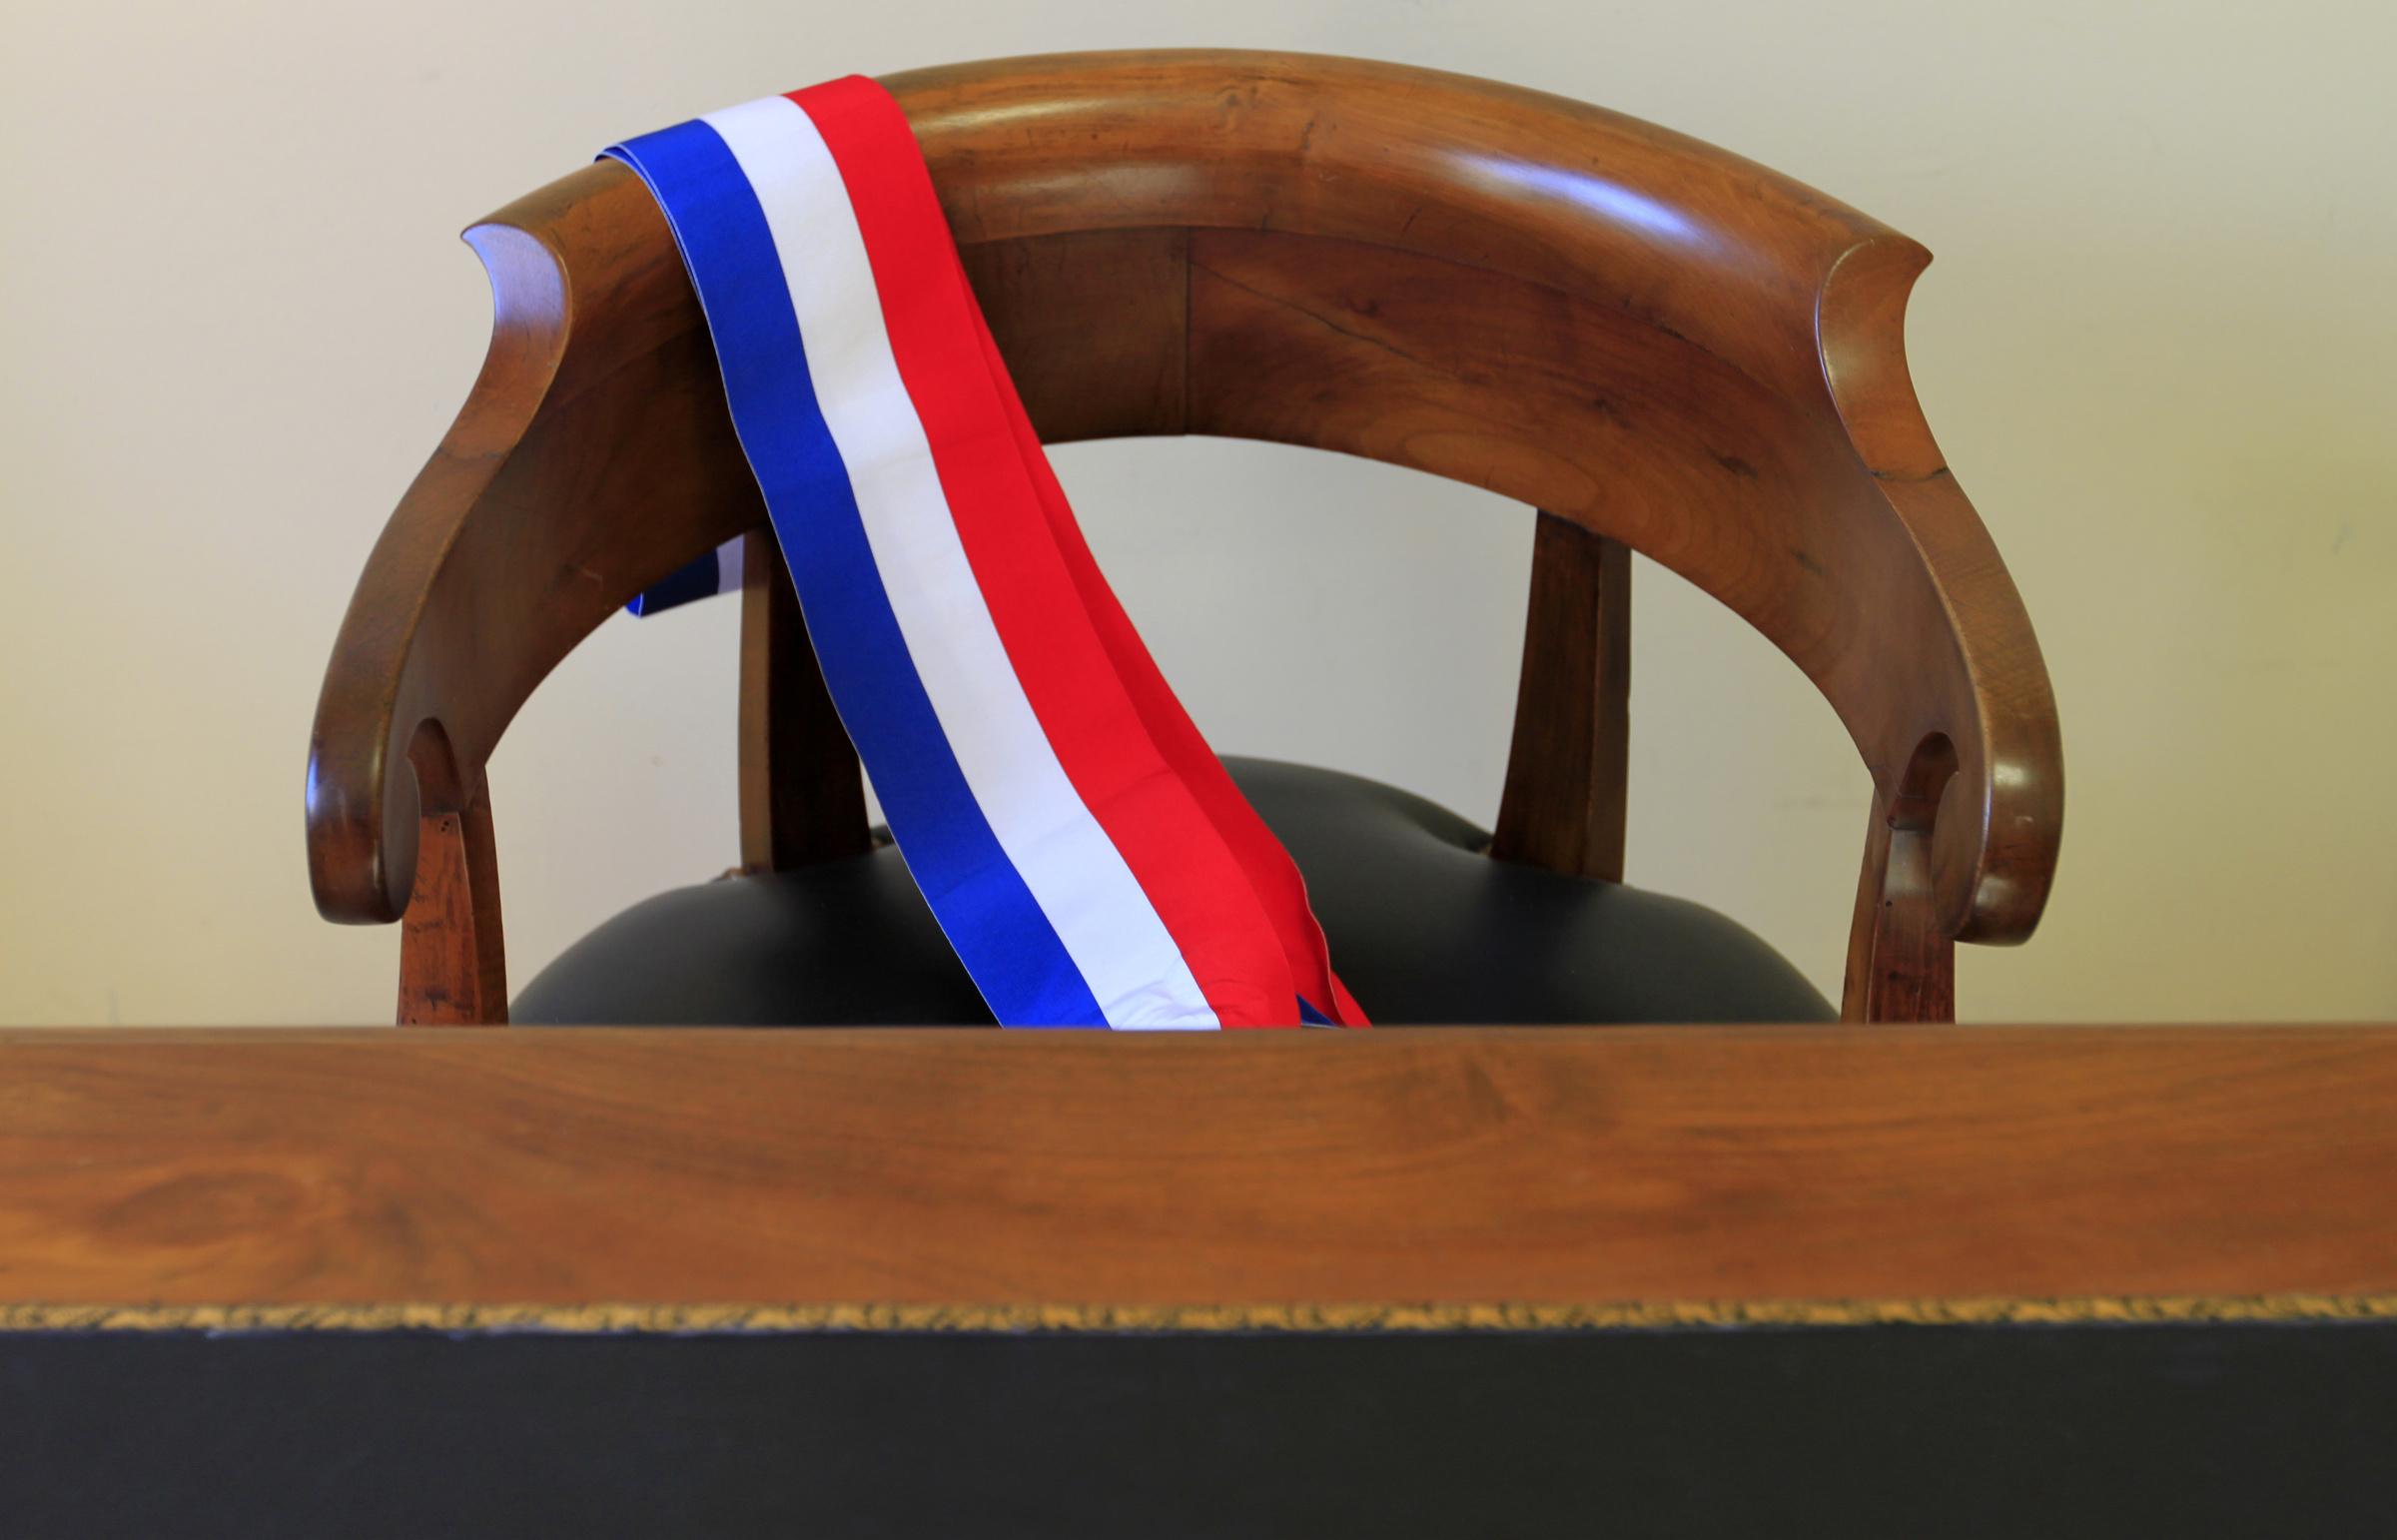 Echarpe maire sur une chaise